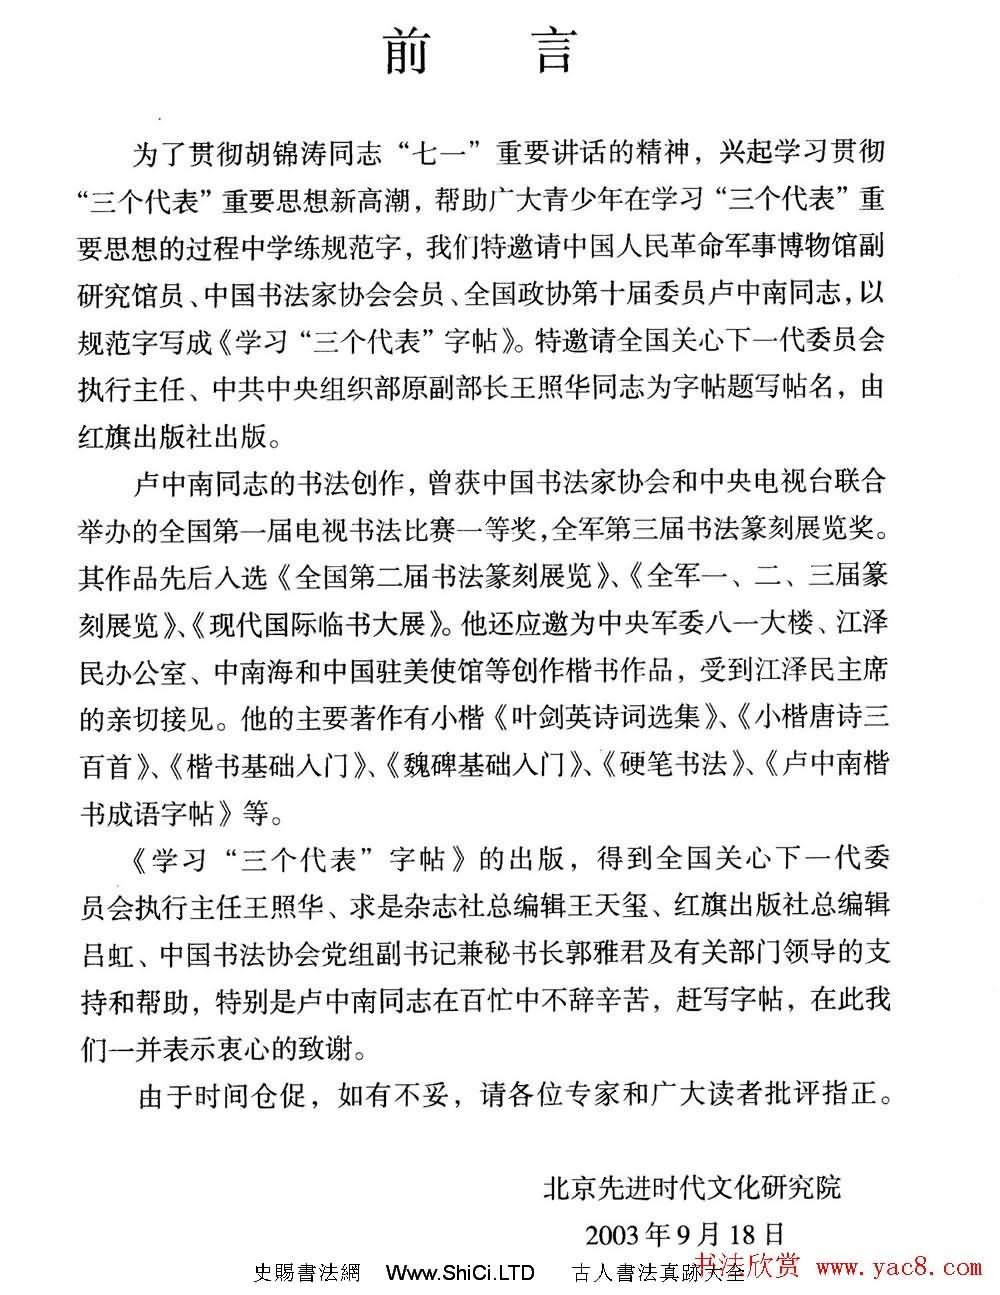 盧中南楷書規範字帖《學習三個代表》(共34張圖片)